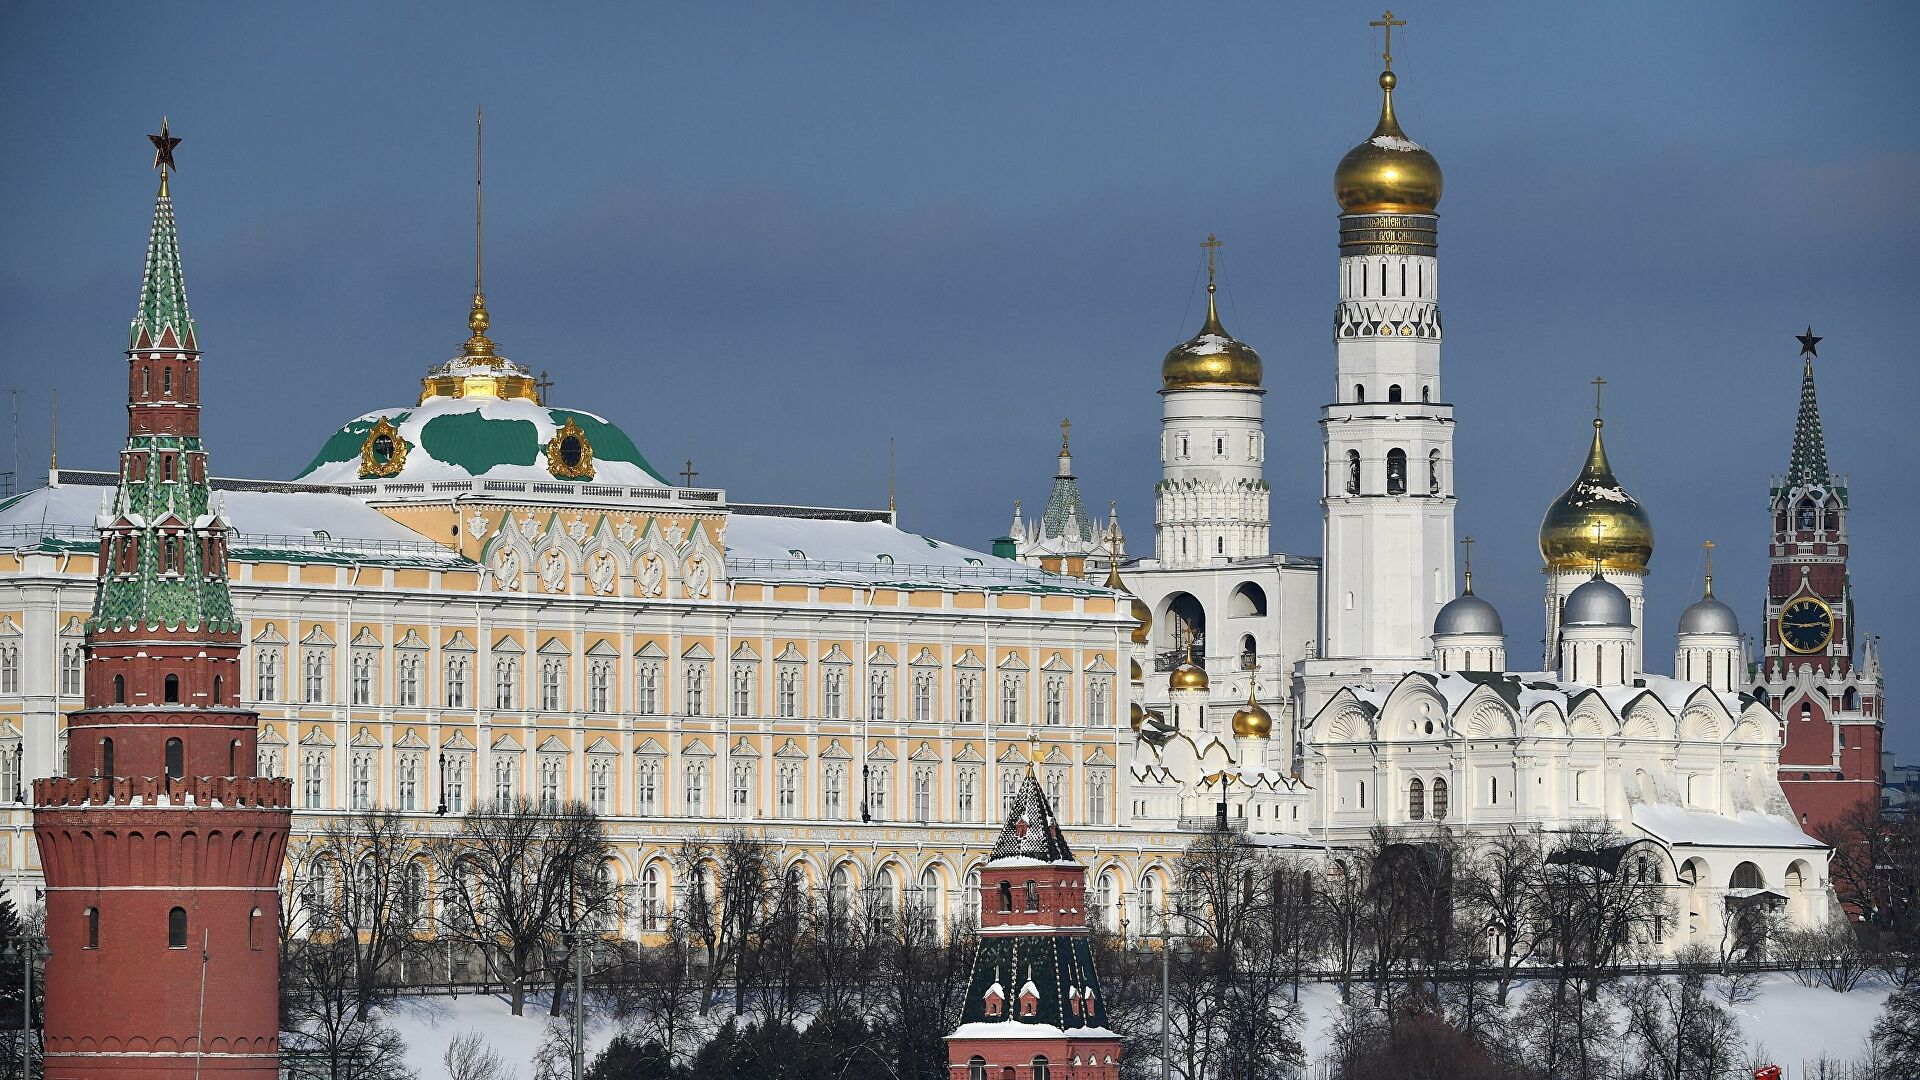 Кремљ се категорички не слаже са изјавама у ЕУ против председника Владимира Путина